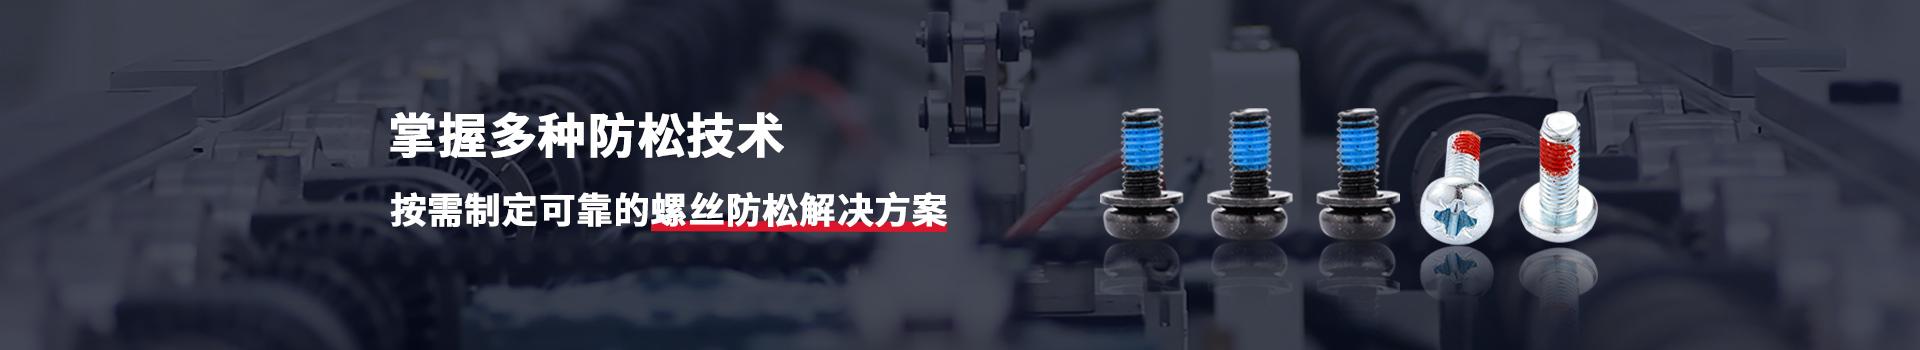 防松螺丝 掌握多种防松技术        按需制定可靠的螺丝防松解决方案